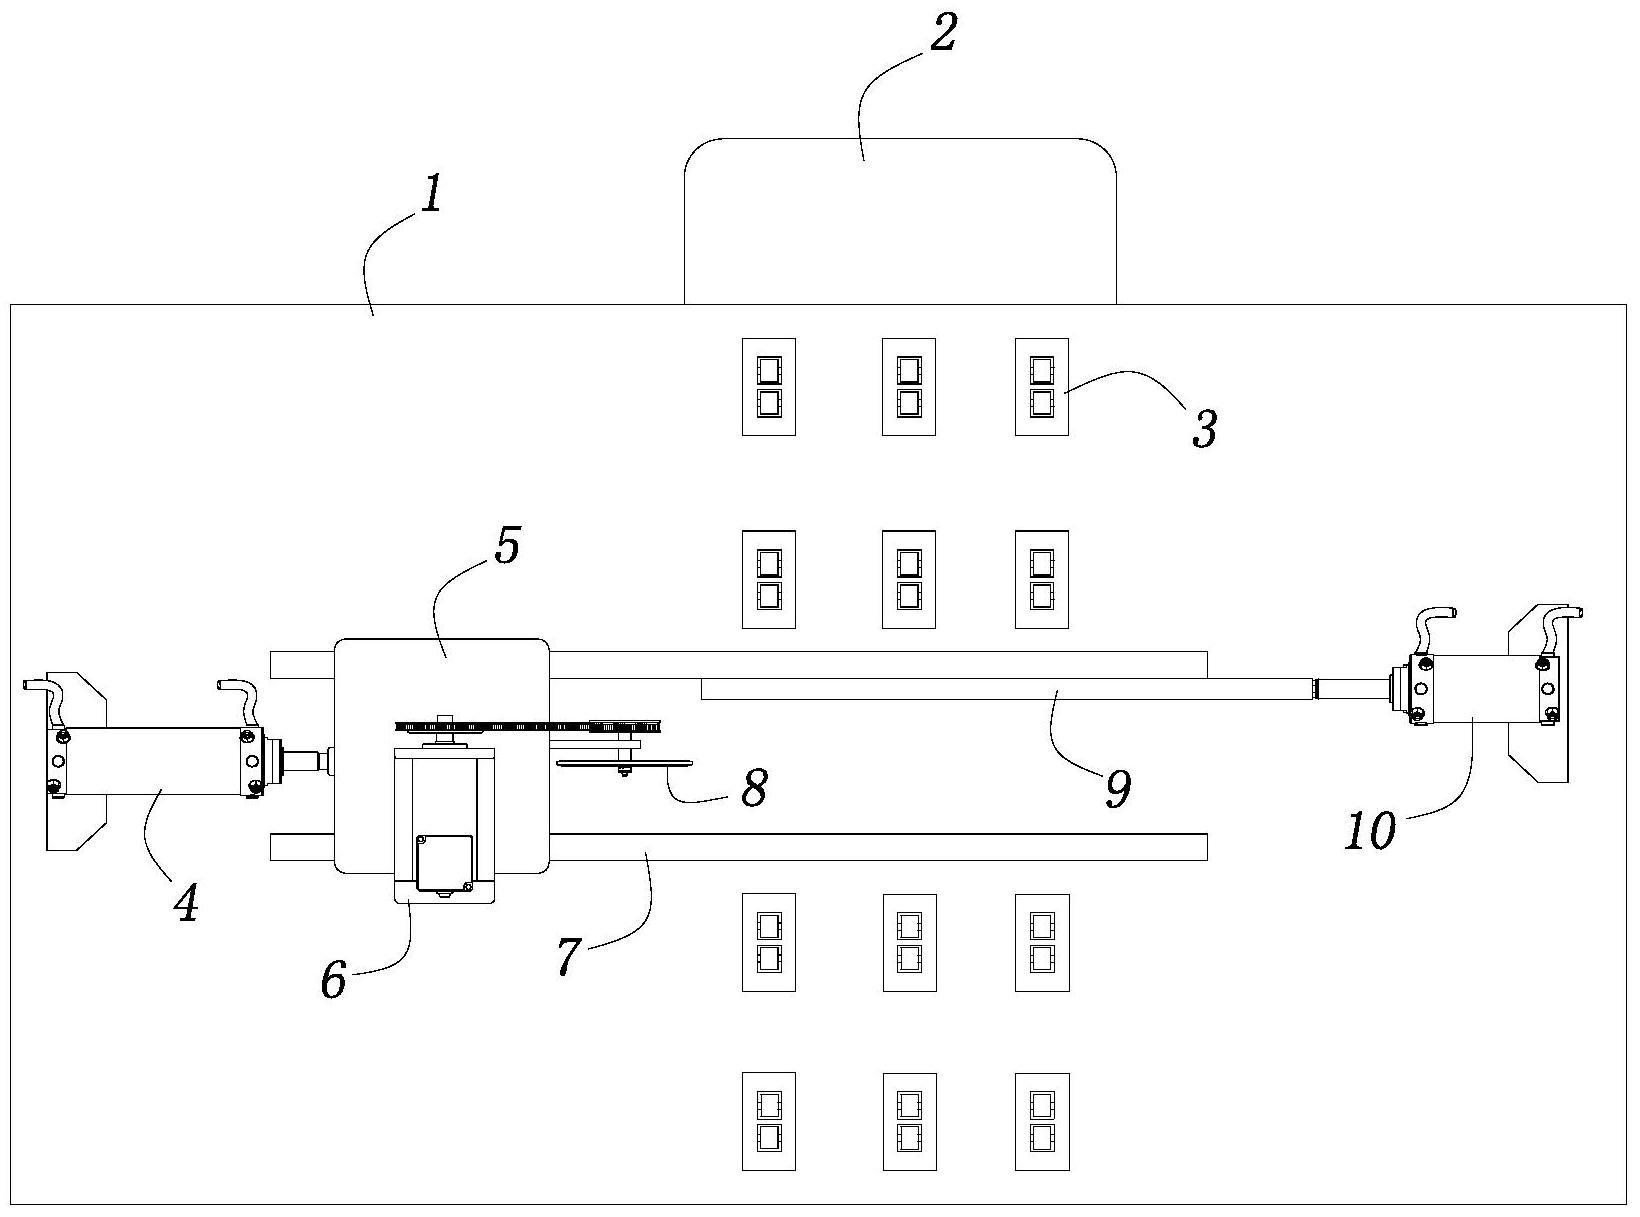 极紫外光微影设备、标靶材料供应系统与方法